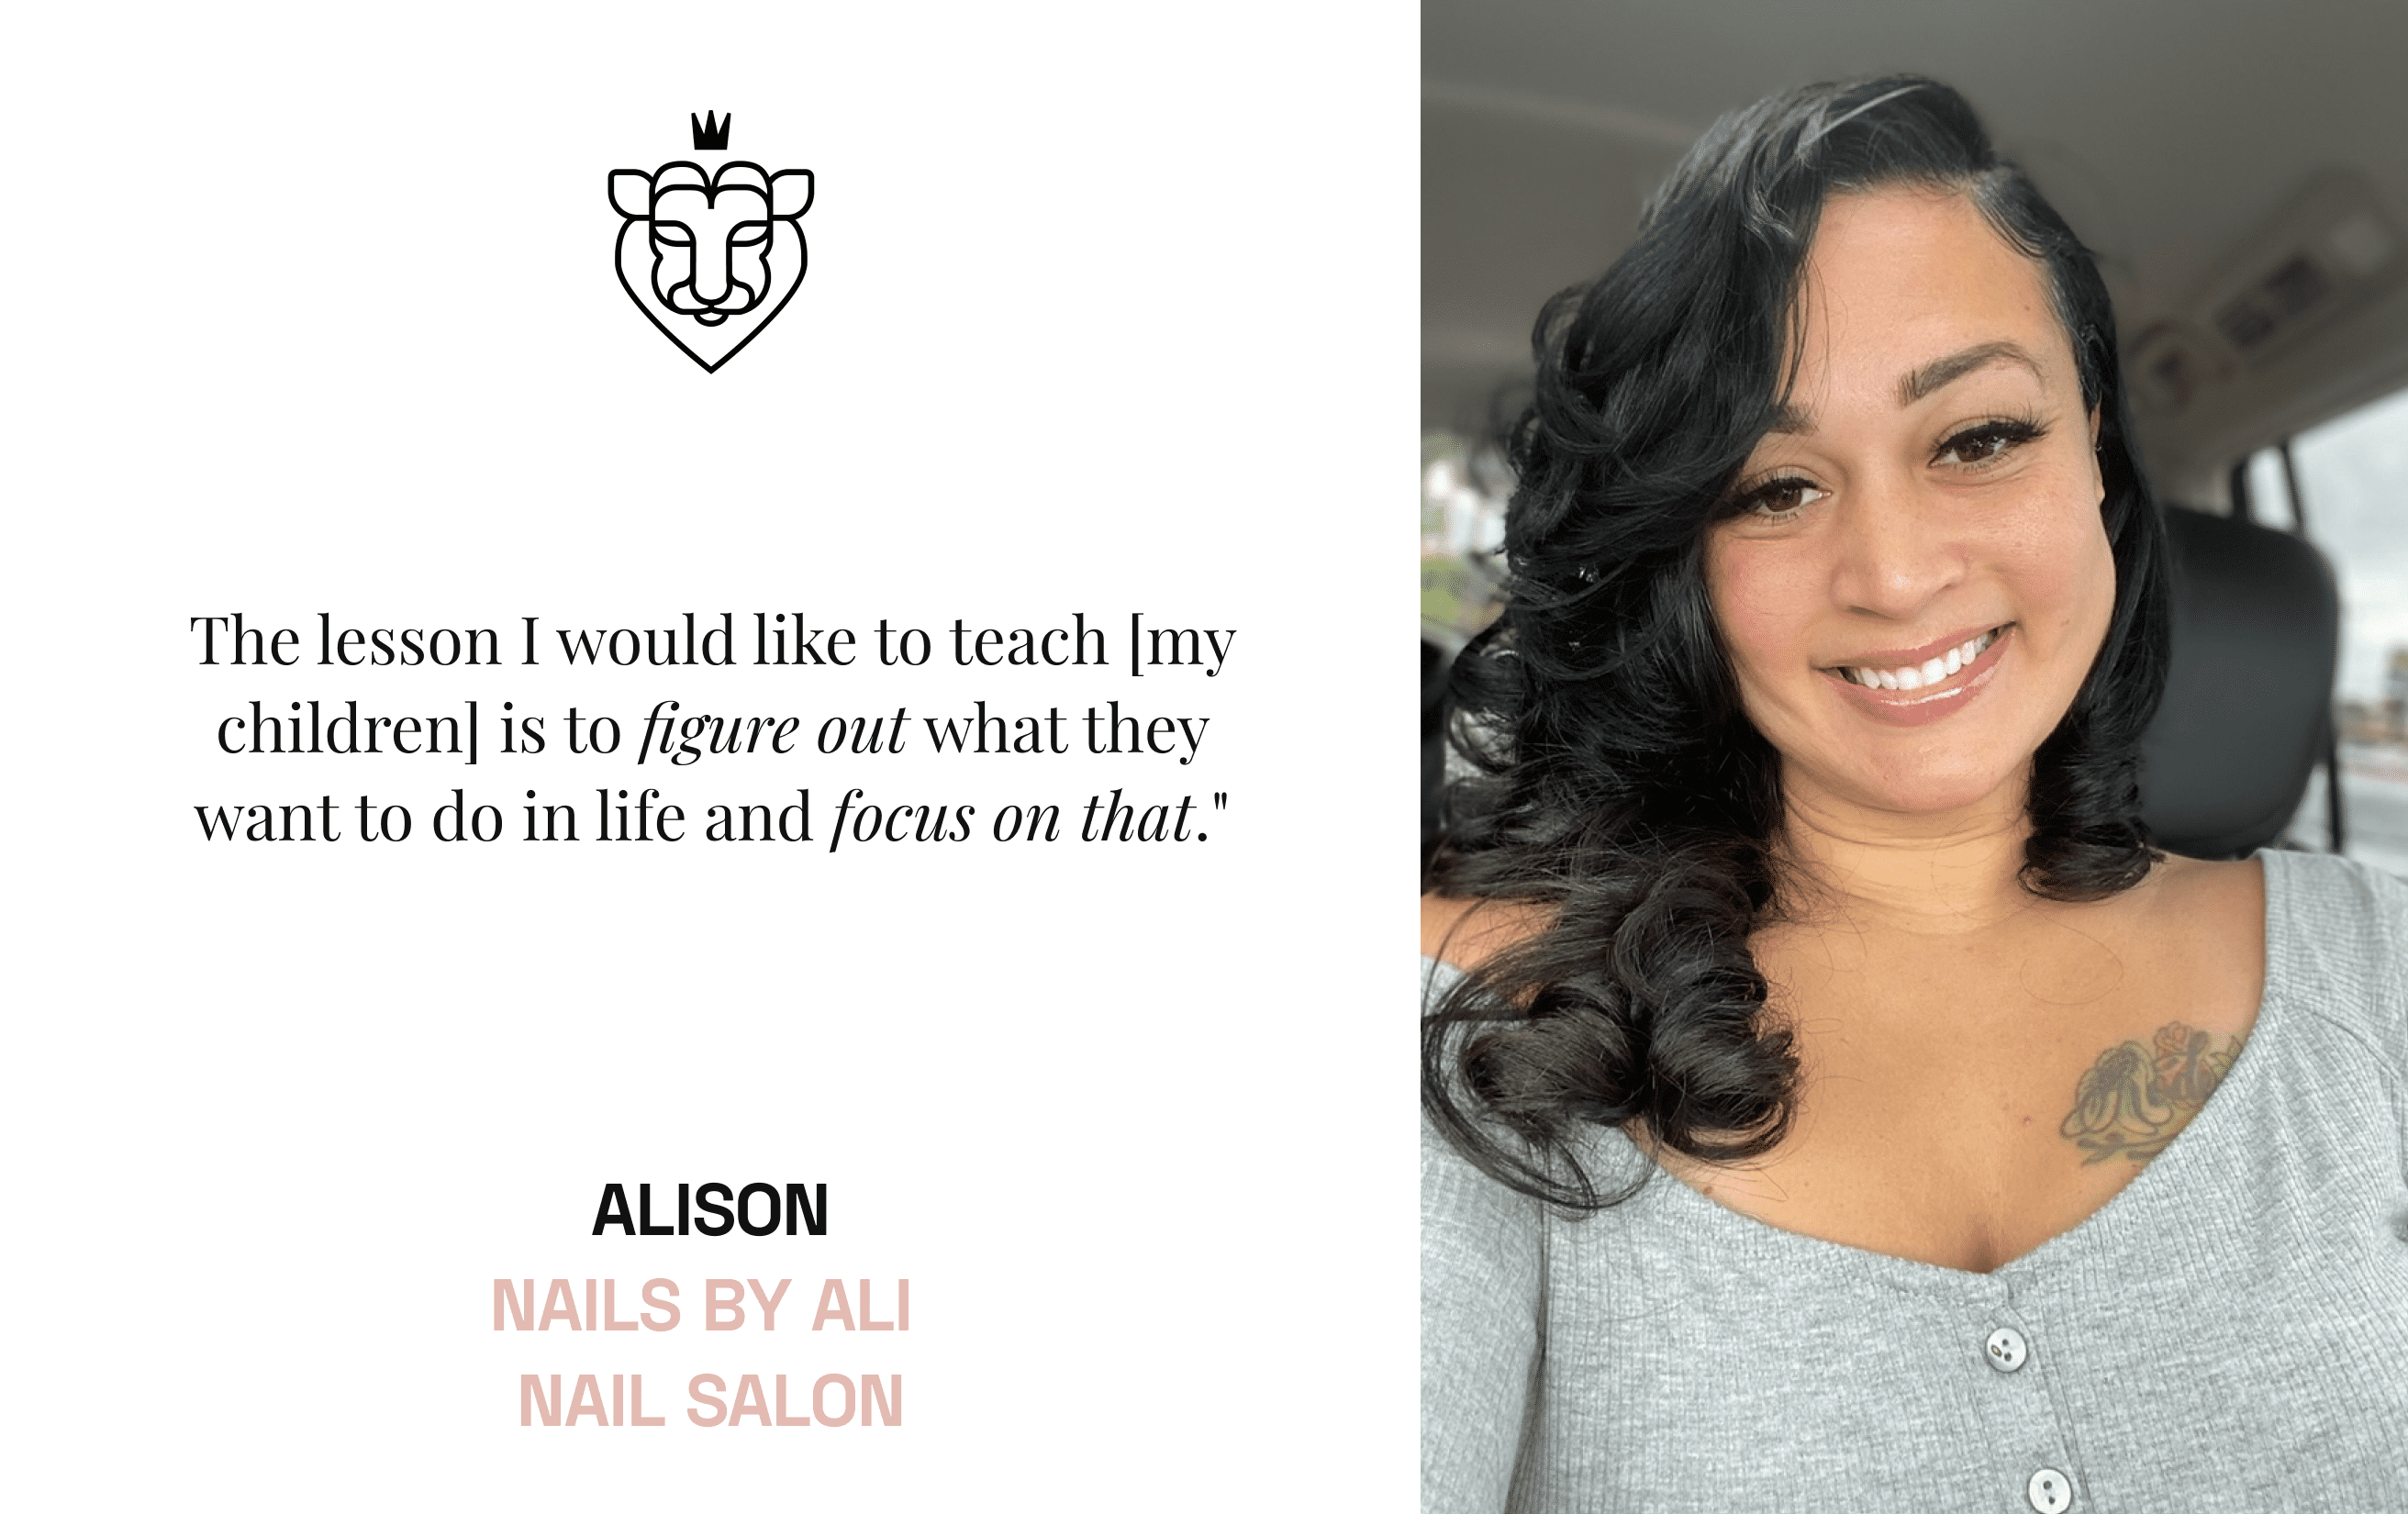 Nail Artist Alison Harvey of Nails by Ali Nail Salon